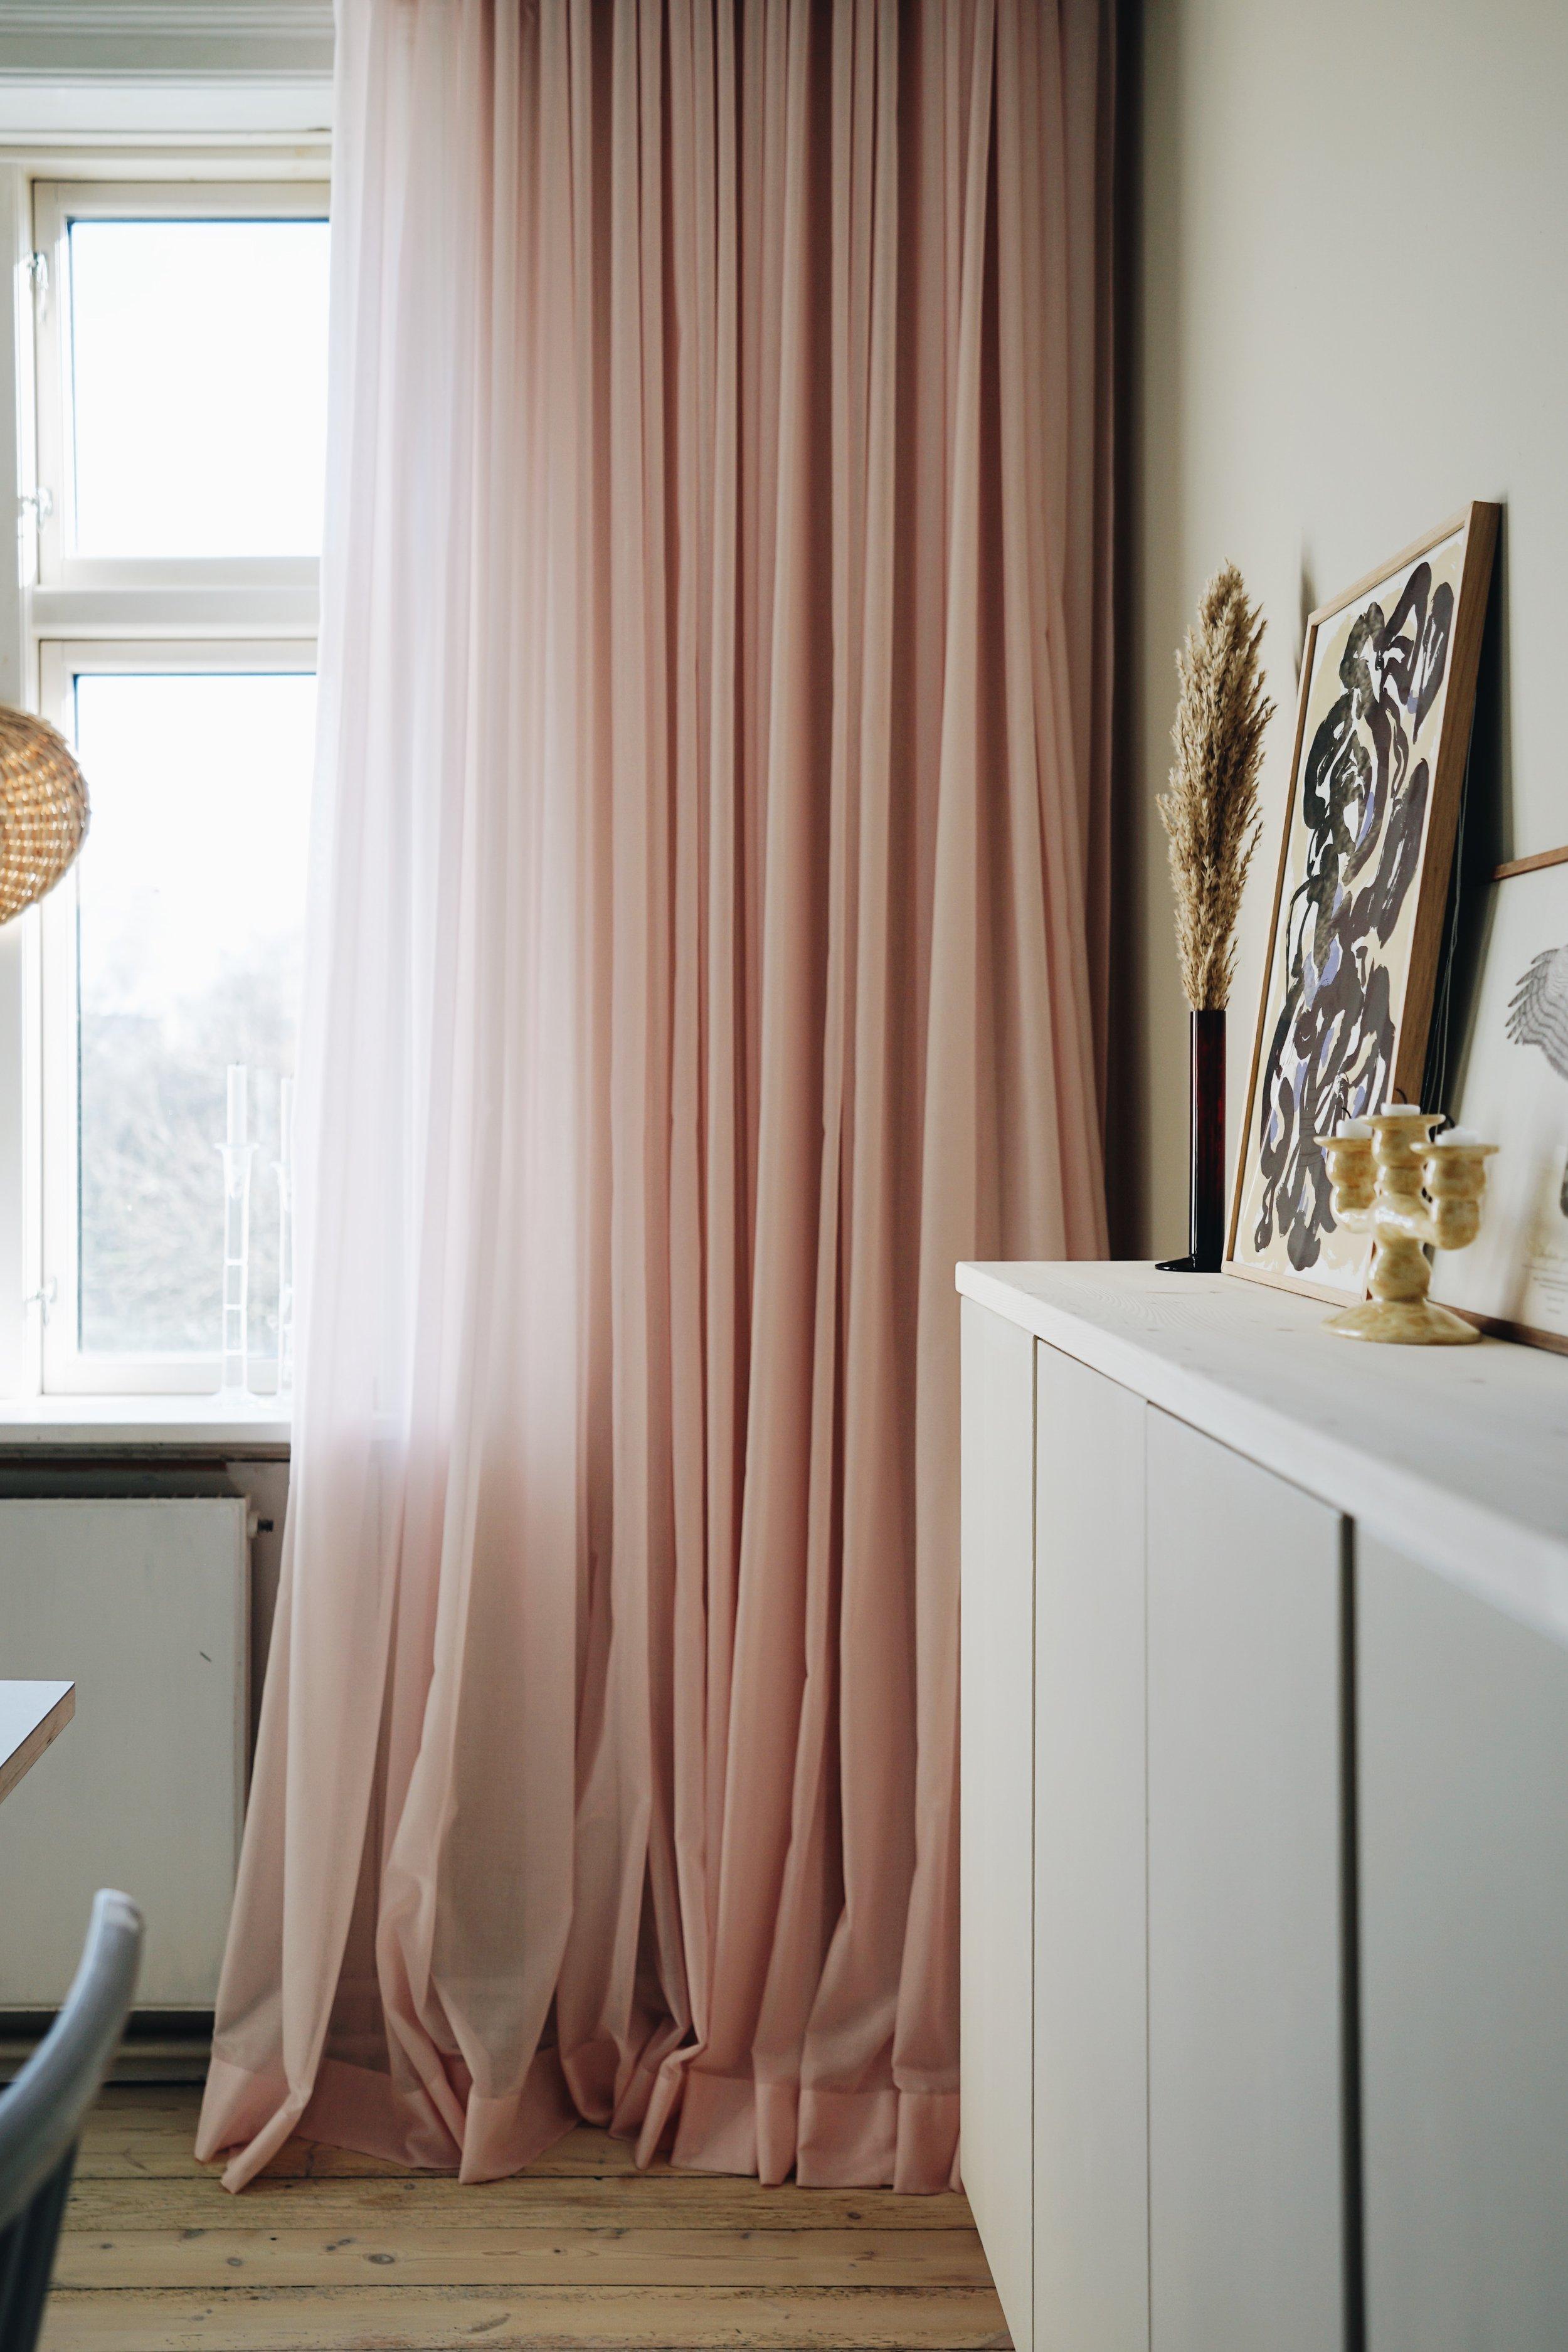 ASROSENVINGE_Arne Aksel_Curtains_Frederiksberg_Home-32.JPG